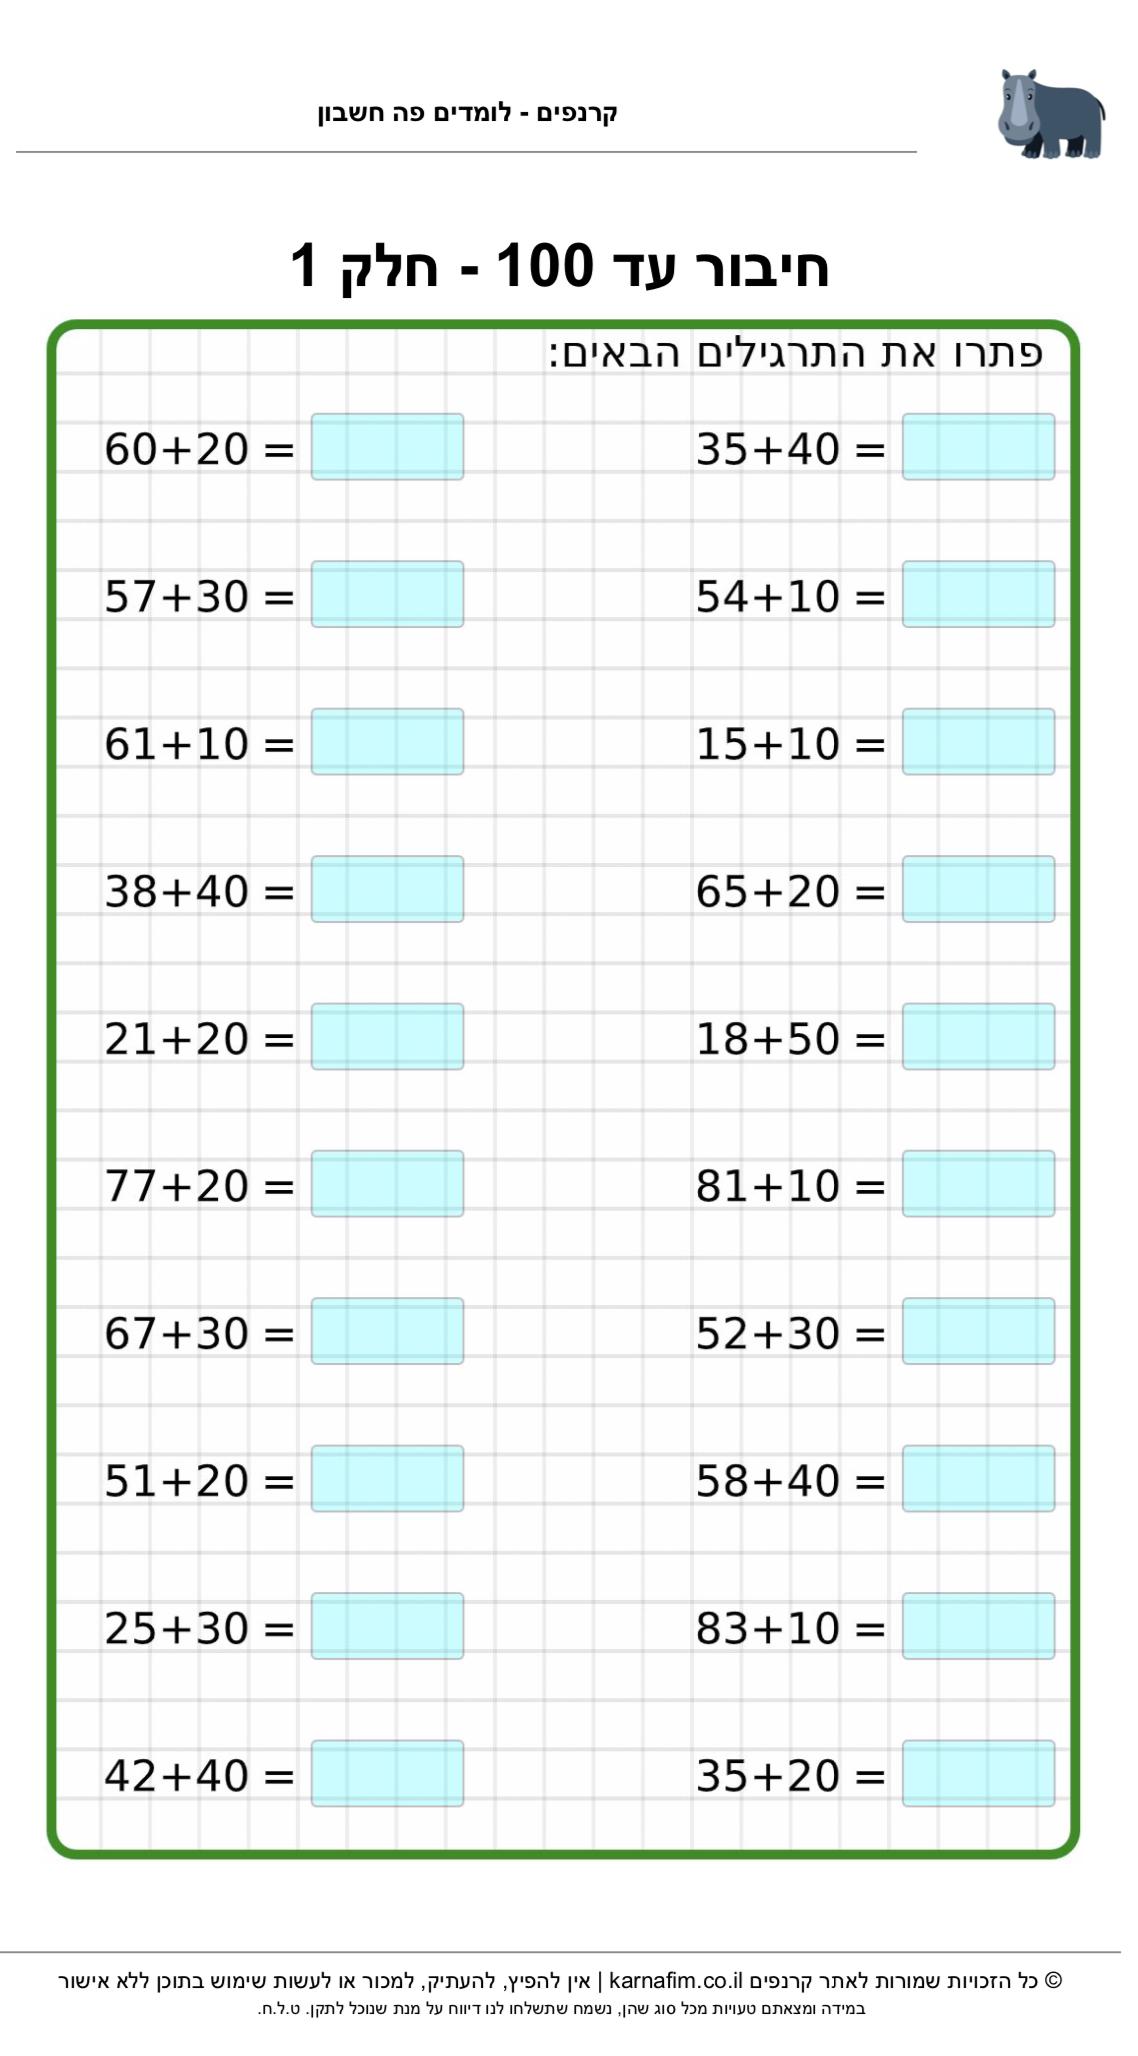 תרגול חיבור עד 100 - חלק 1, התרגול מתאים לתלמידי כיתה ב׳